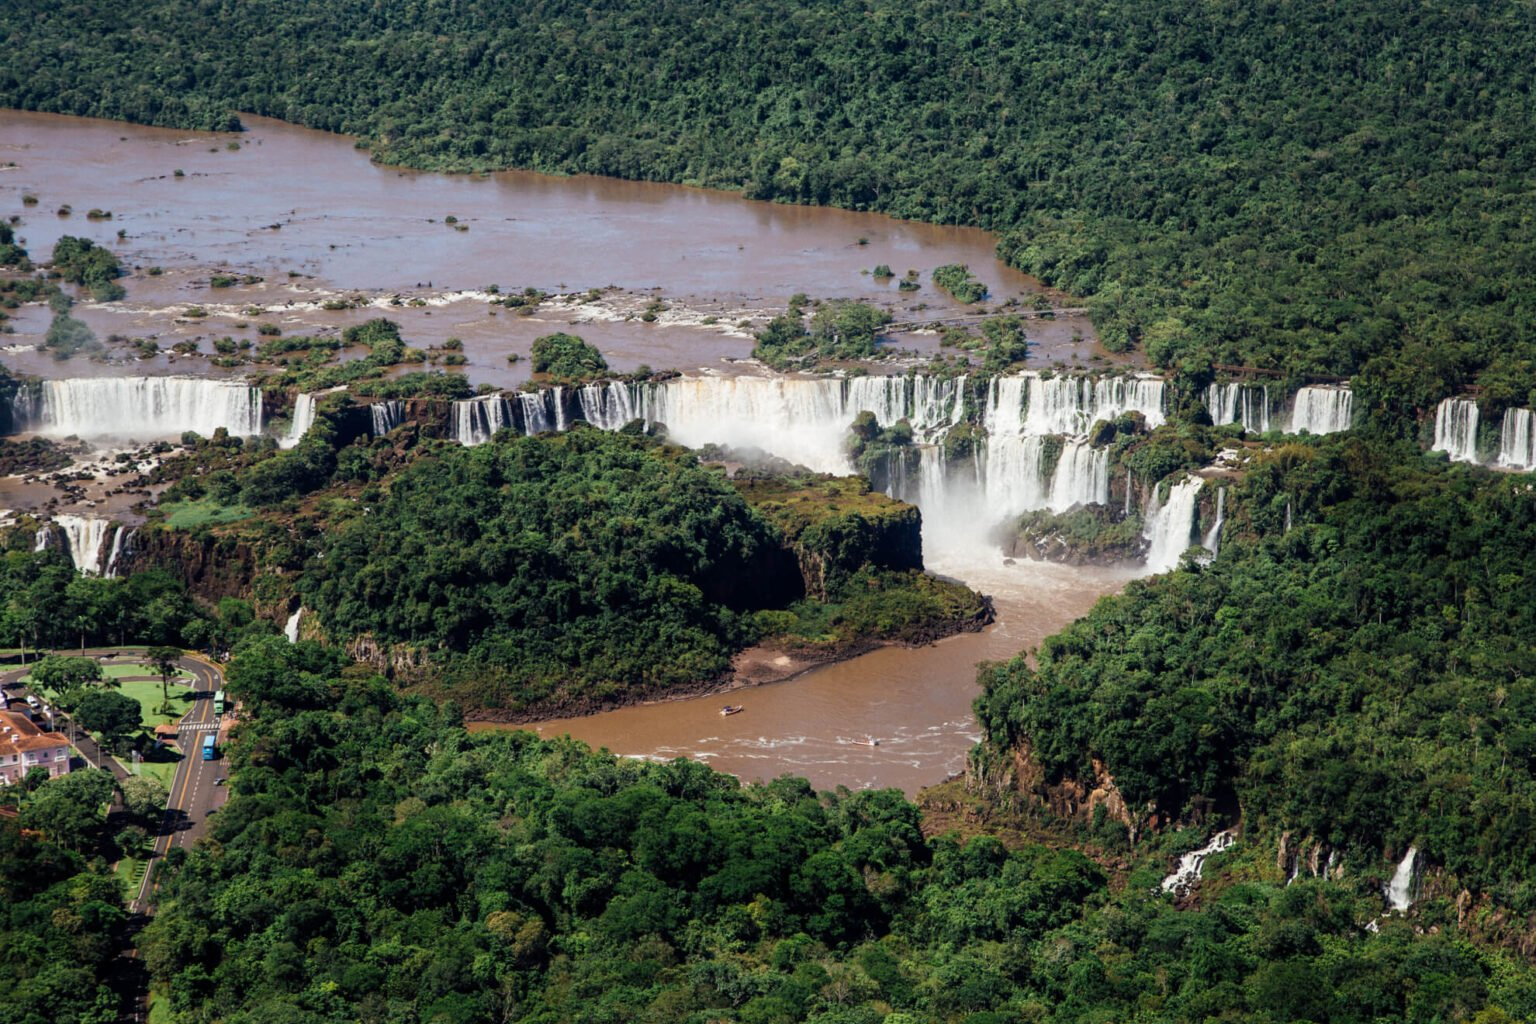 Cataratas do Iguaçu vista do alto | Passeio de helicóptero em Foz do Iguaçu